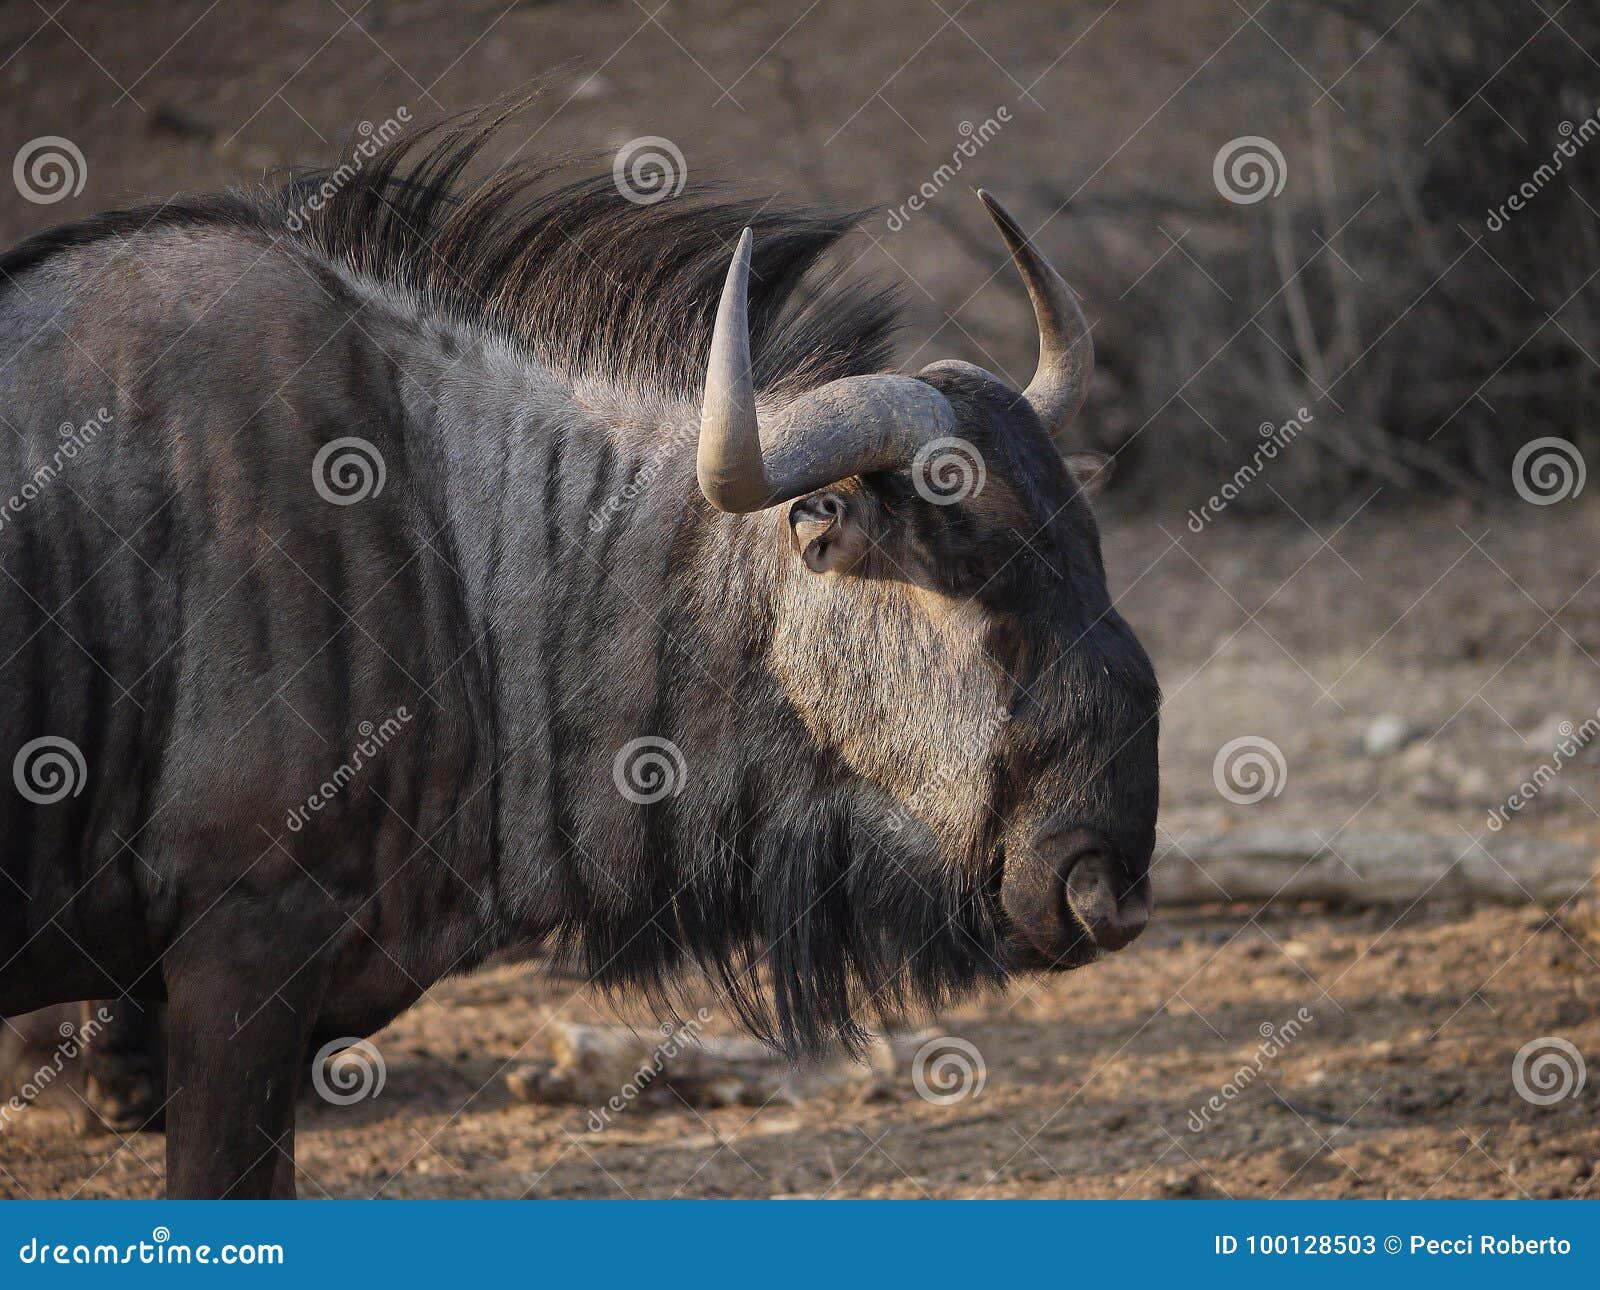 Namibia, Damaraland, Etosha park